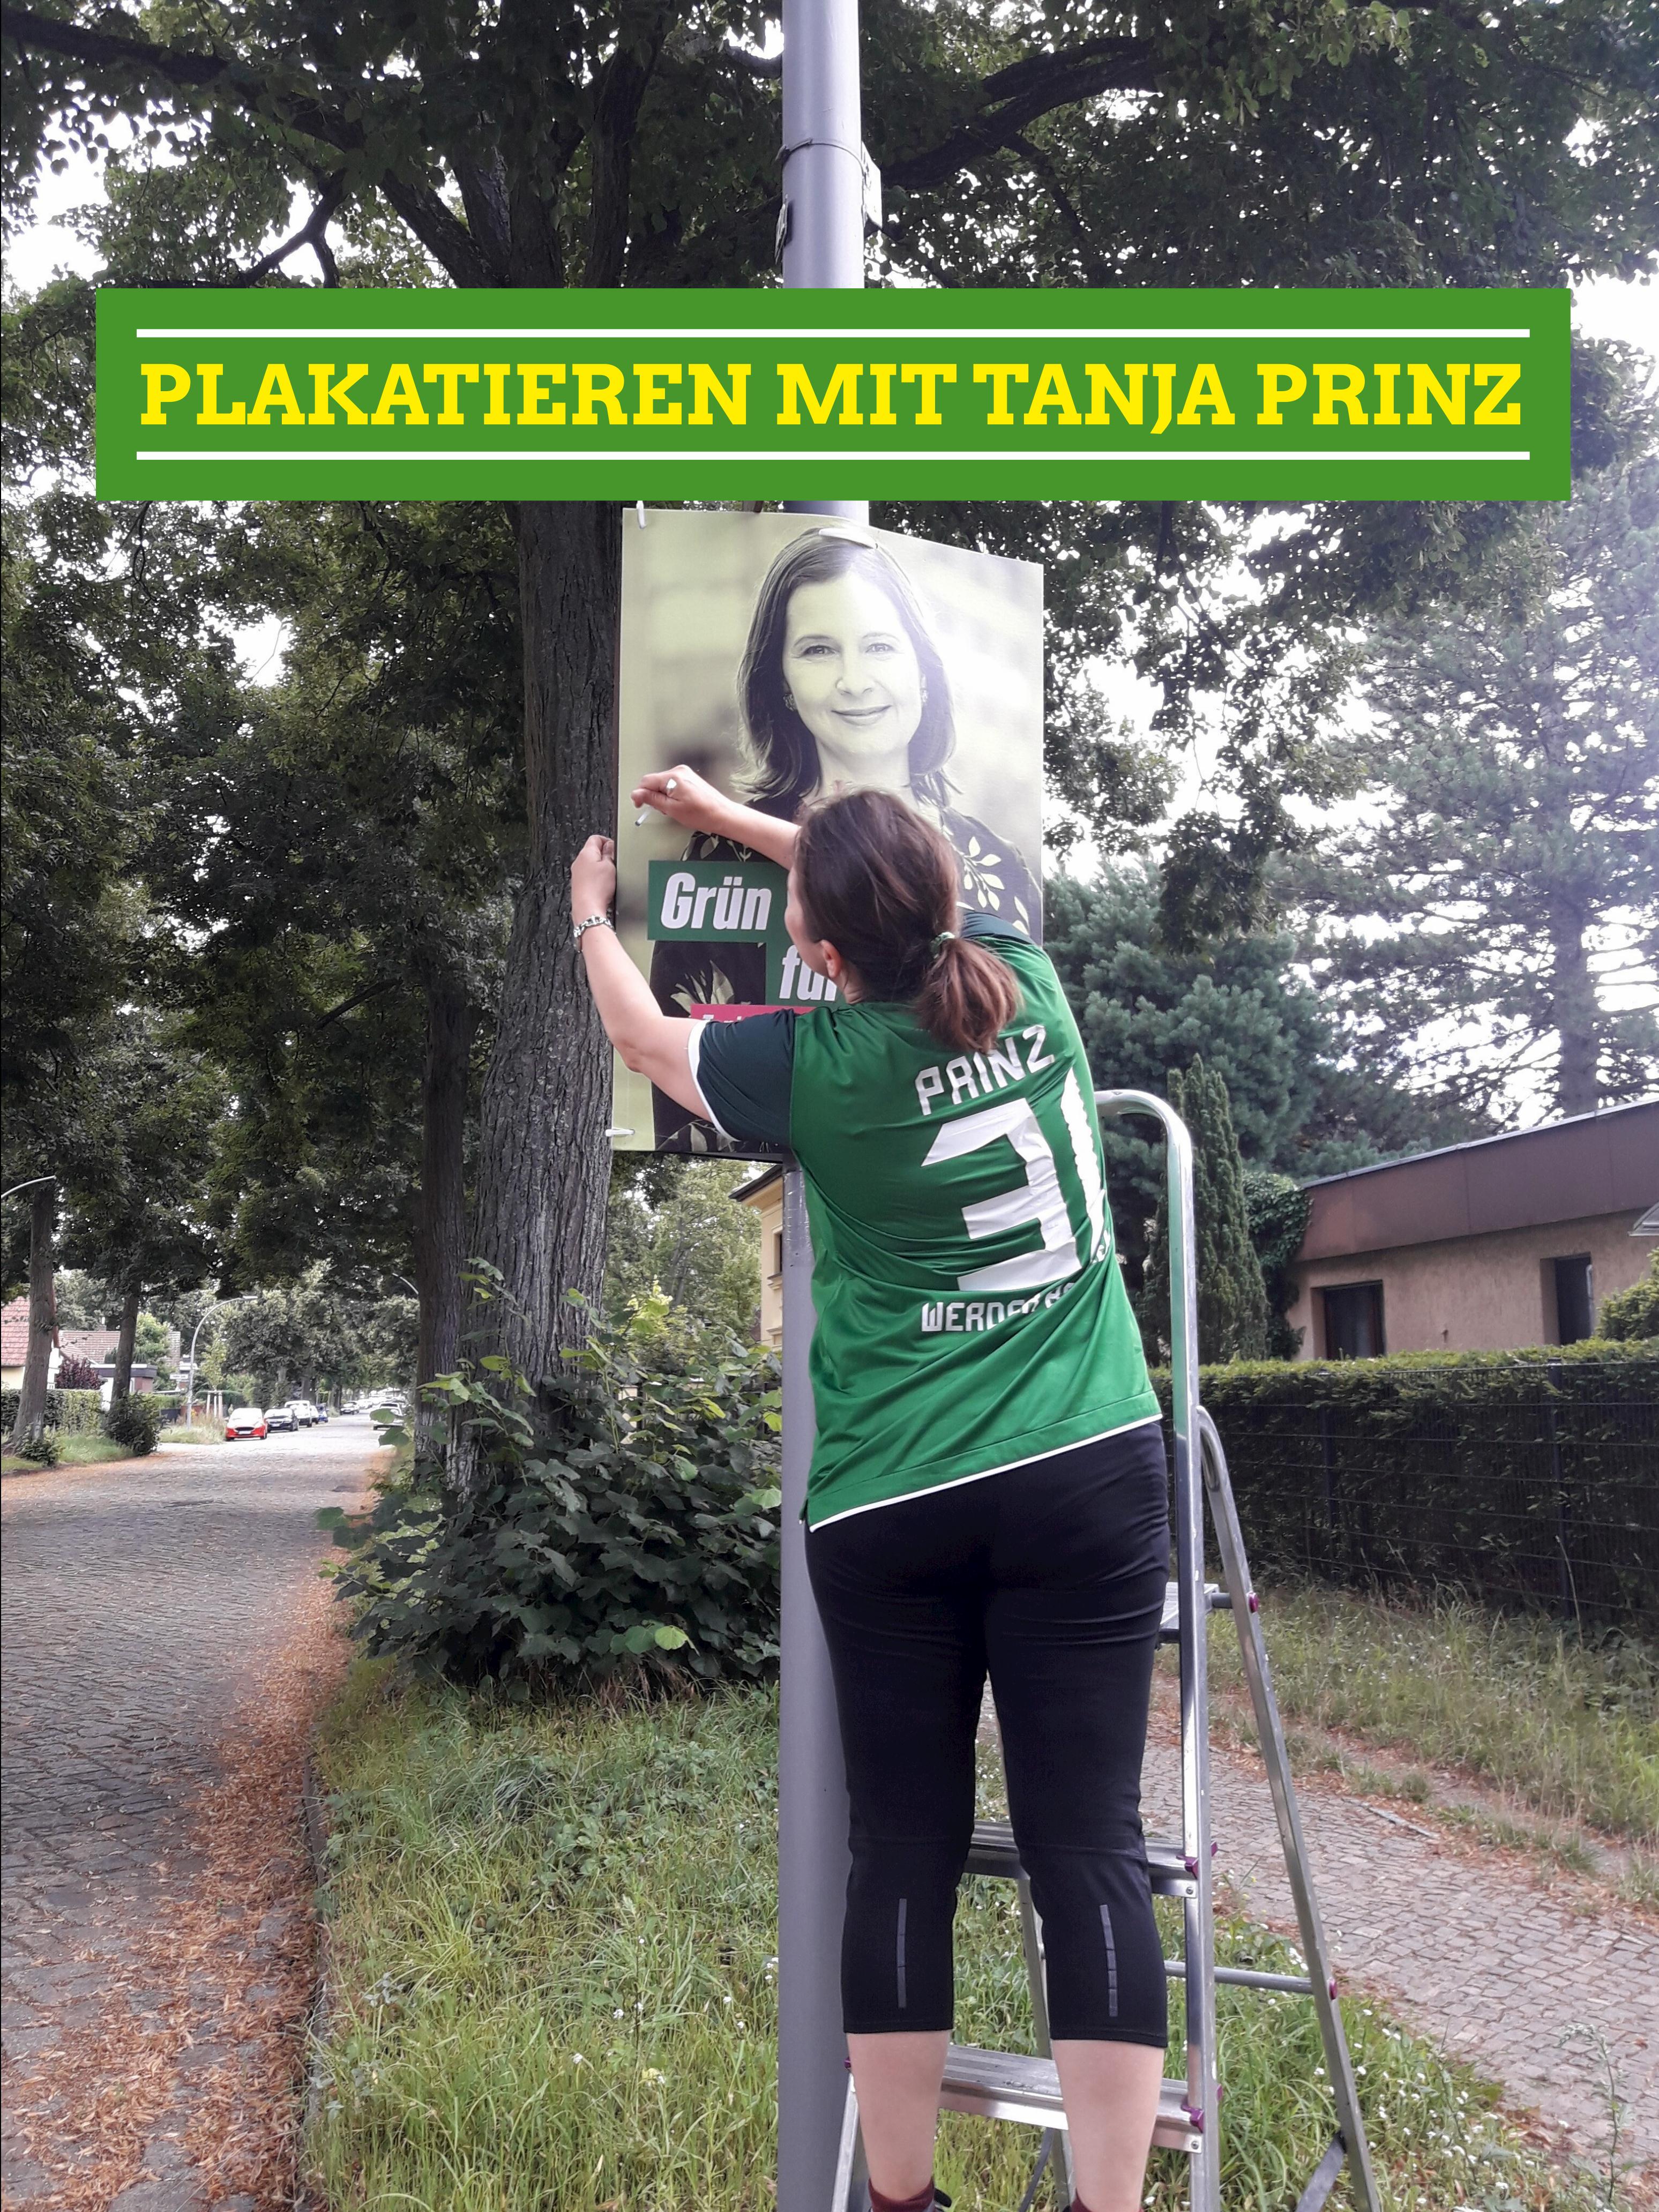 Plakatieren mit Tanja Prinz